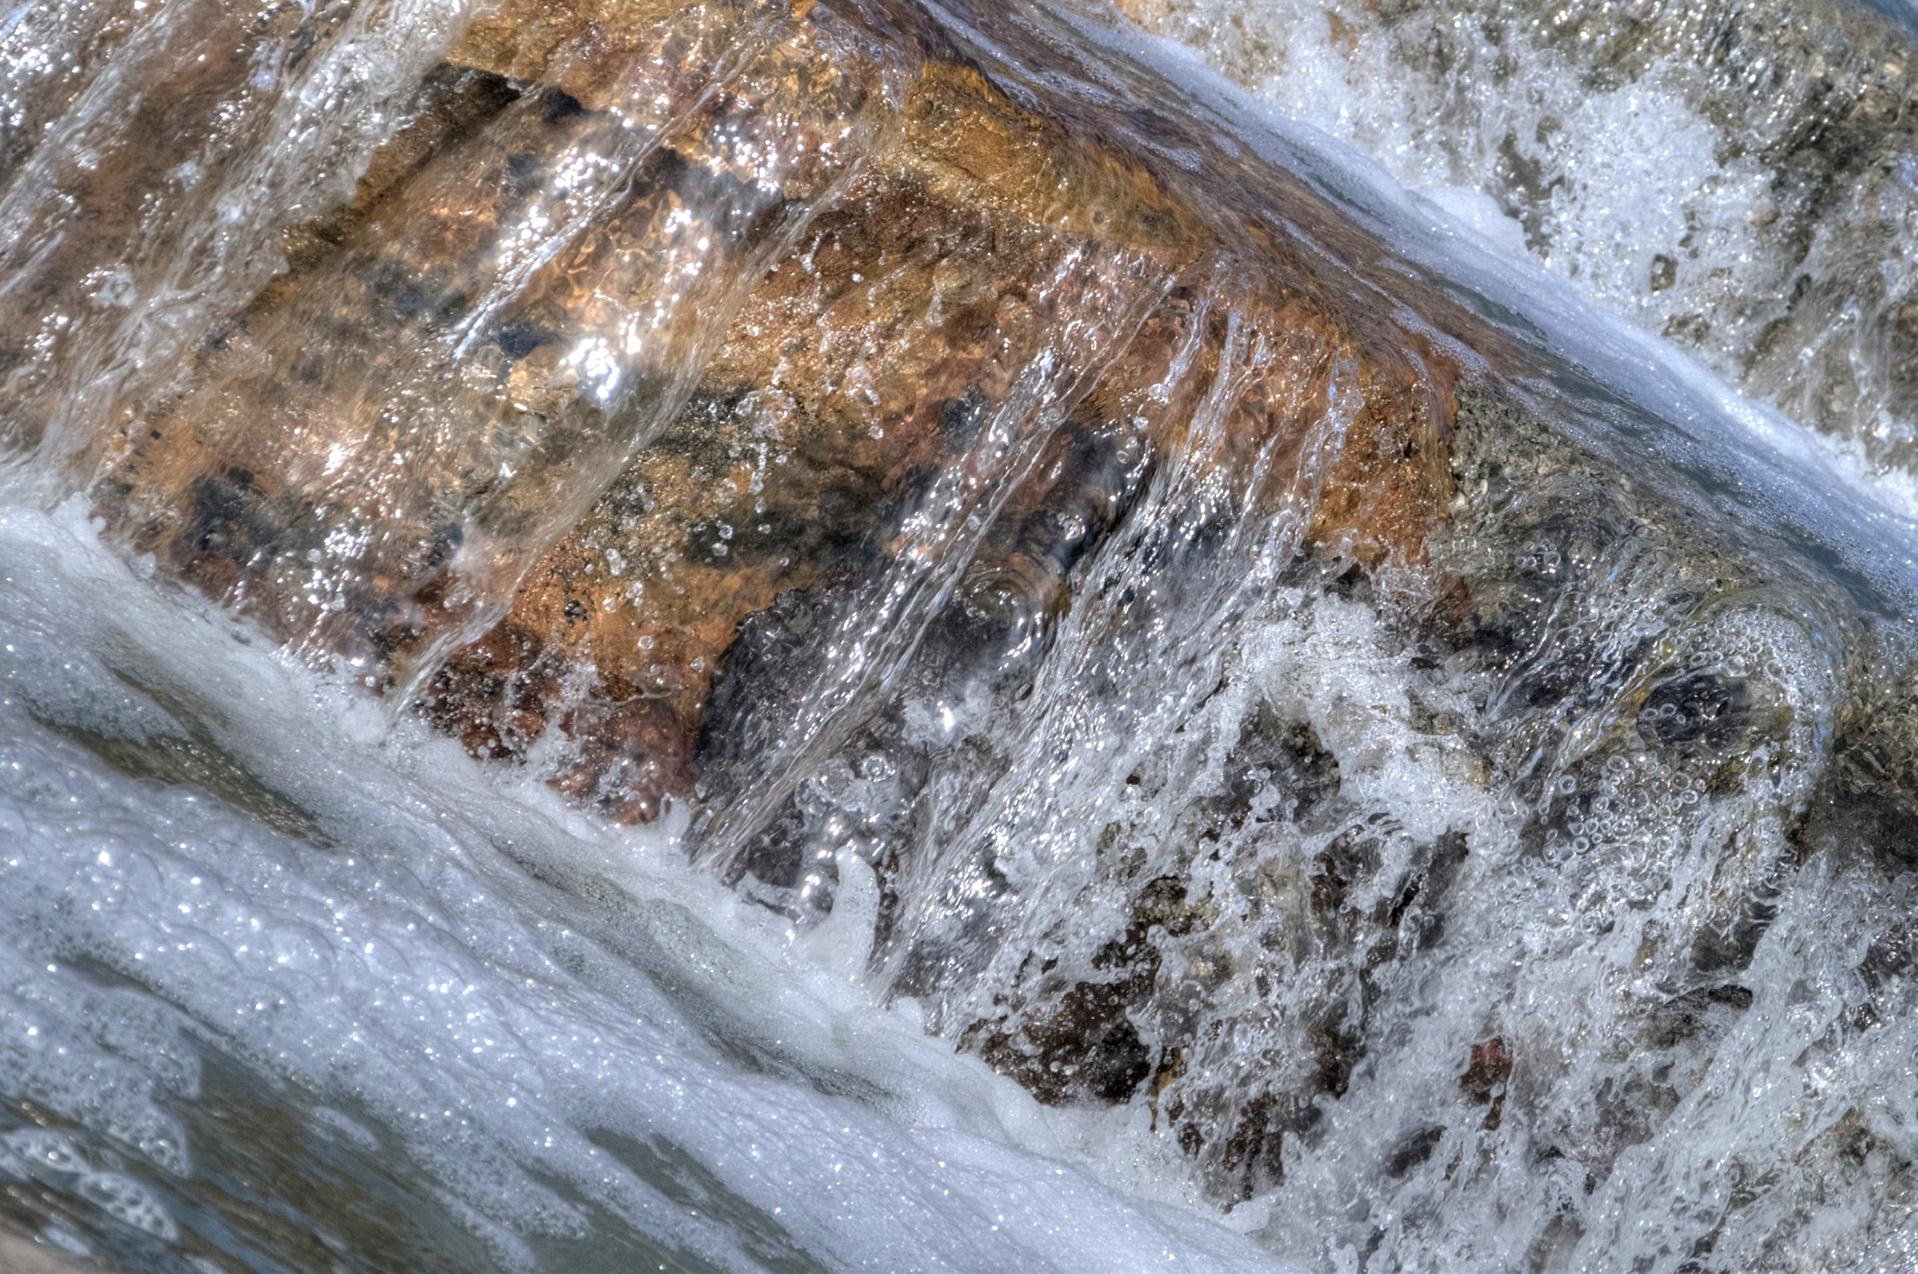 Biomimetics & Water Features